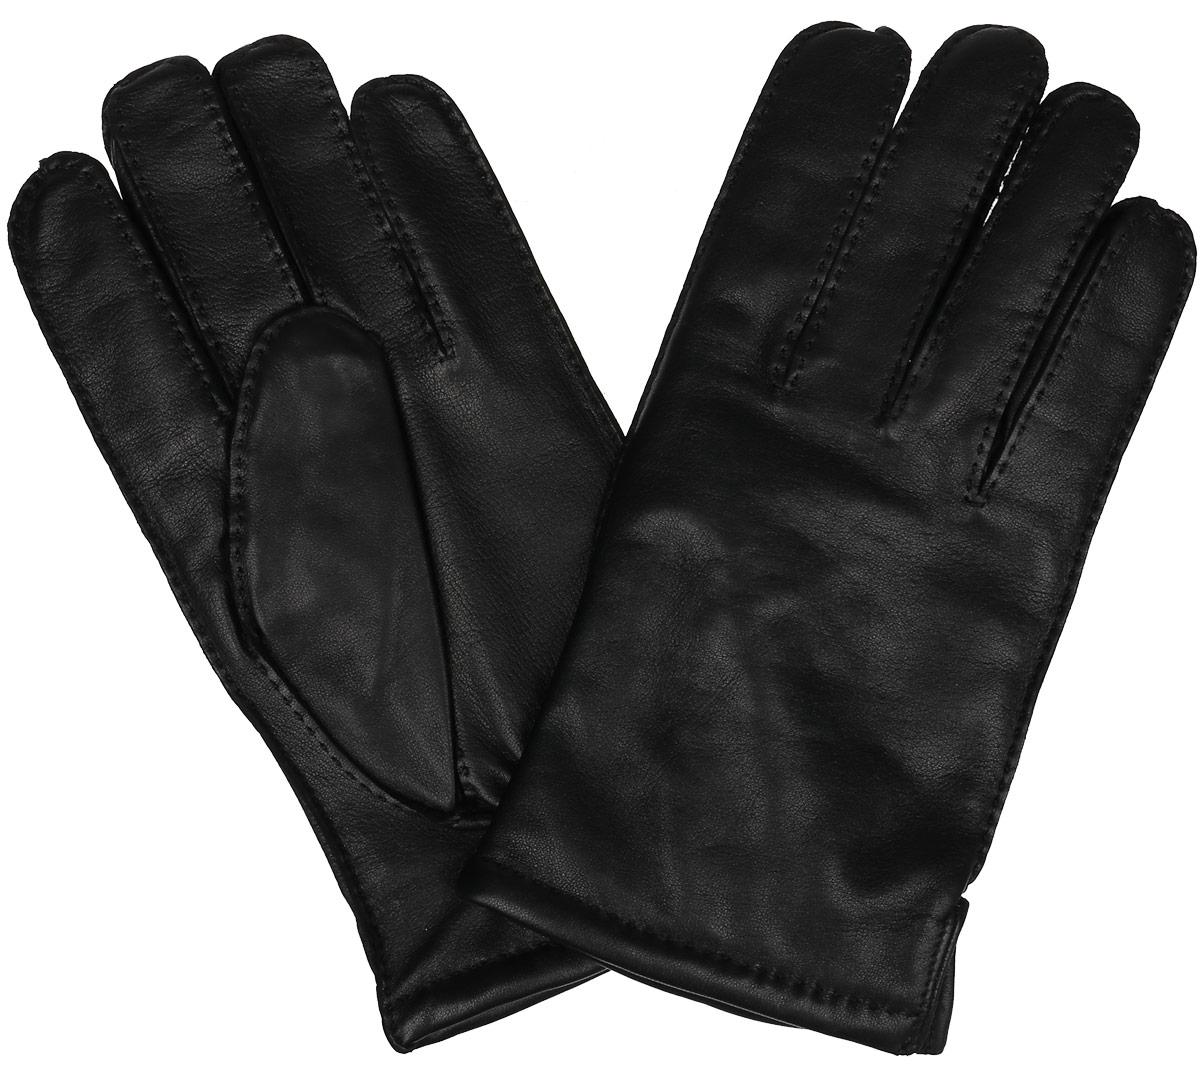 Перчатки мужские. 100_PRS100_PRS/BLМужские перчатки Dali Exclusive не только защитят ваши руки от холода, но и станут стильным аксессуаром. Перчатки выполнены из мягкой и приятной на ощупь натуральной кожи ягненка, подкладка - из 100% шерсти. Манжеты дополнены боковыми разрезами и с тыльной стороны присборены на резинку для лучшего прилегания к запястью. Перчатки станут завершающим и подчеркивающим элементом вашего неповторимого стиля и индивидуальности.